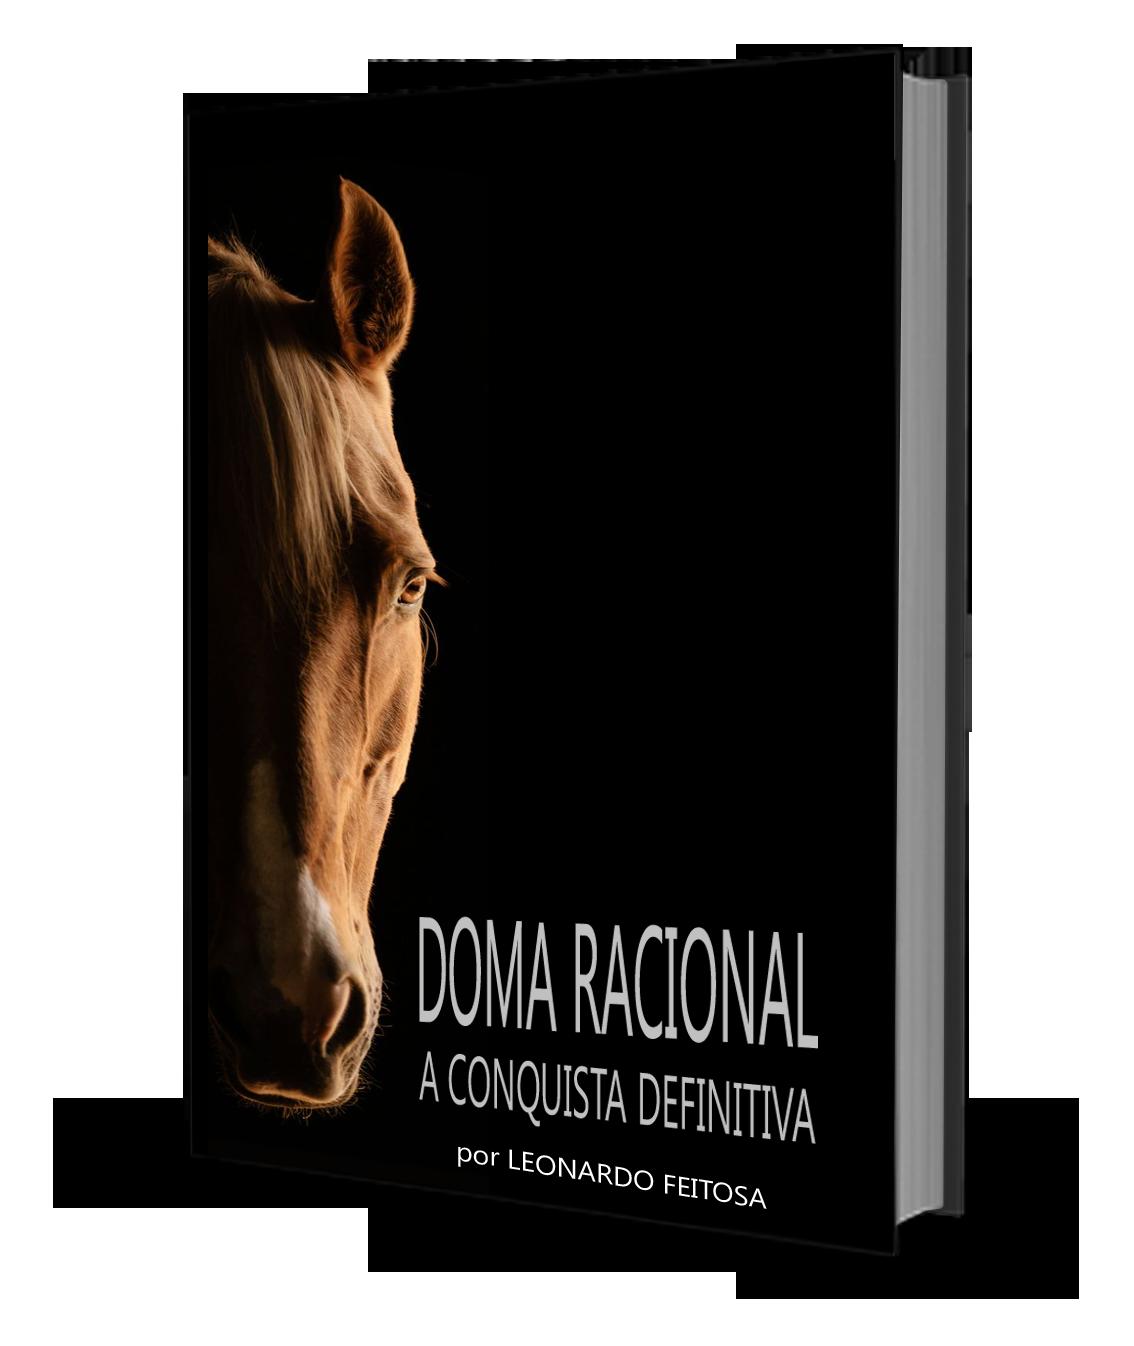 E-Book sobre Doma Racional